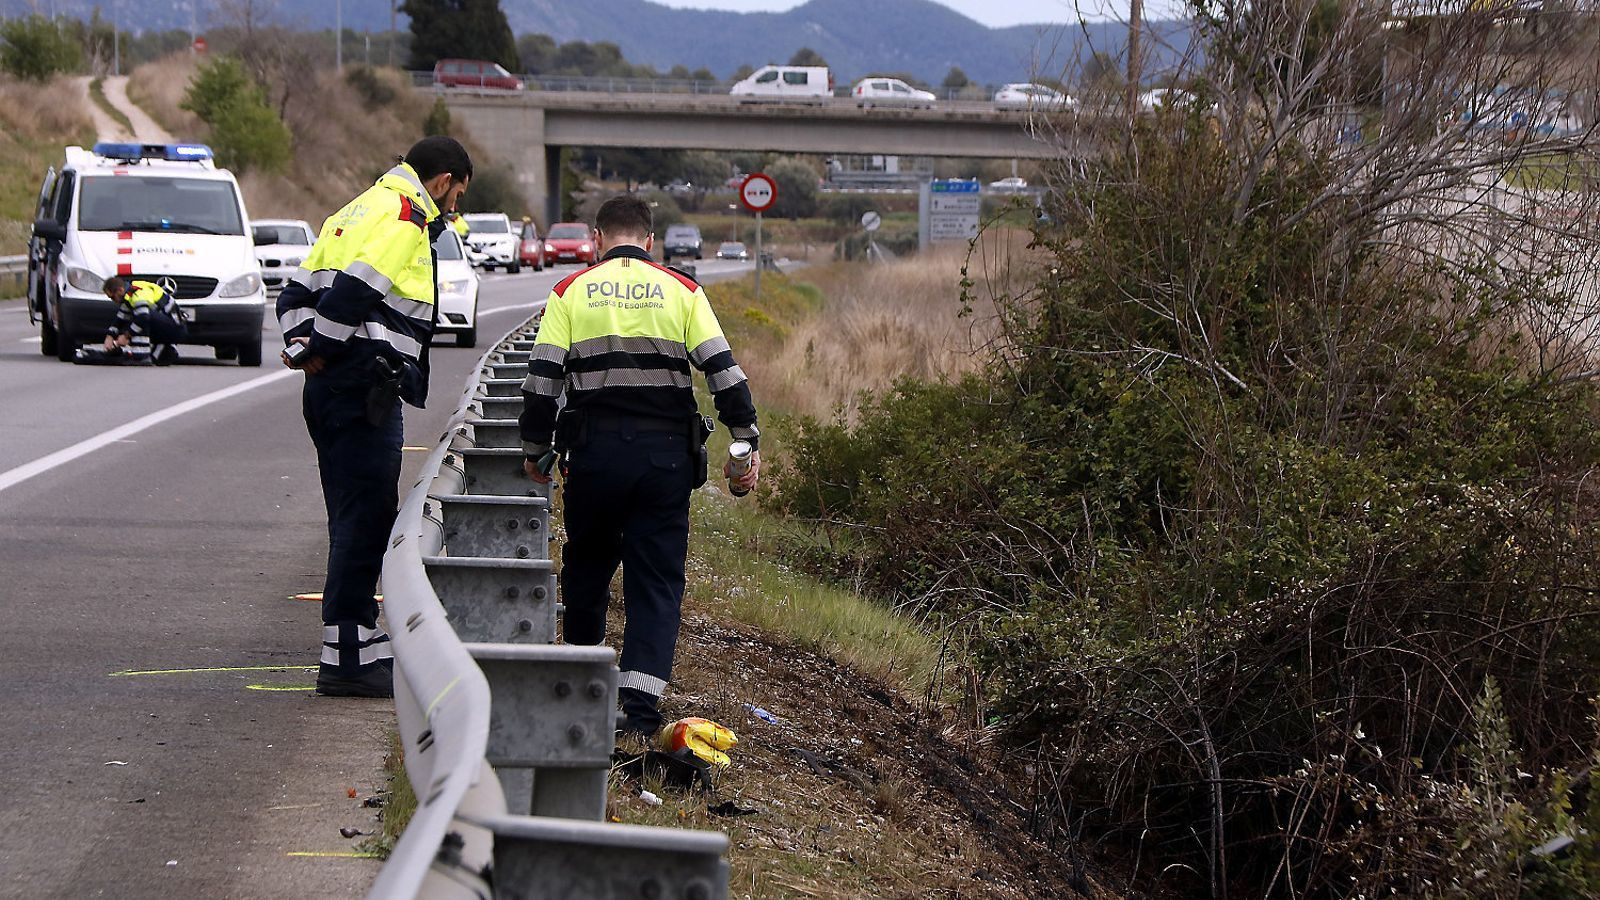 Alarma pels morts en accidents de trànsit